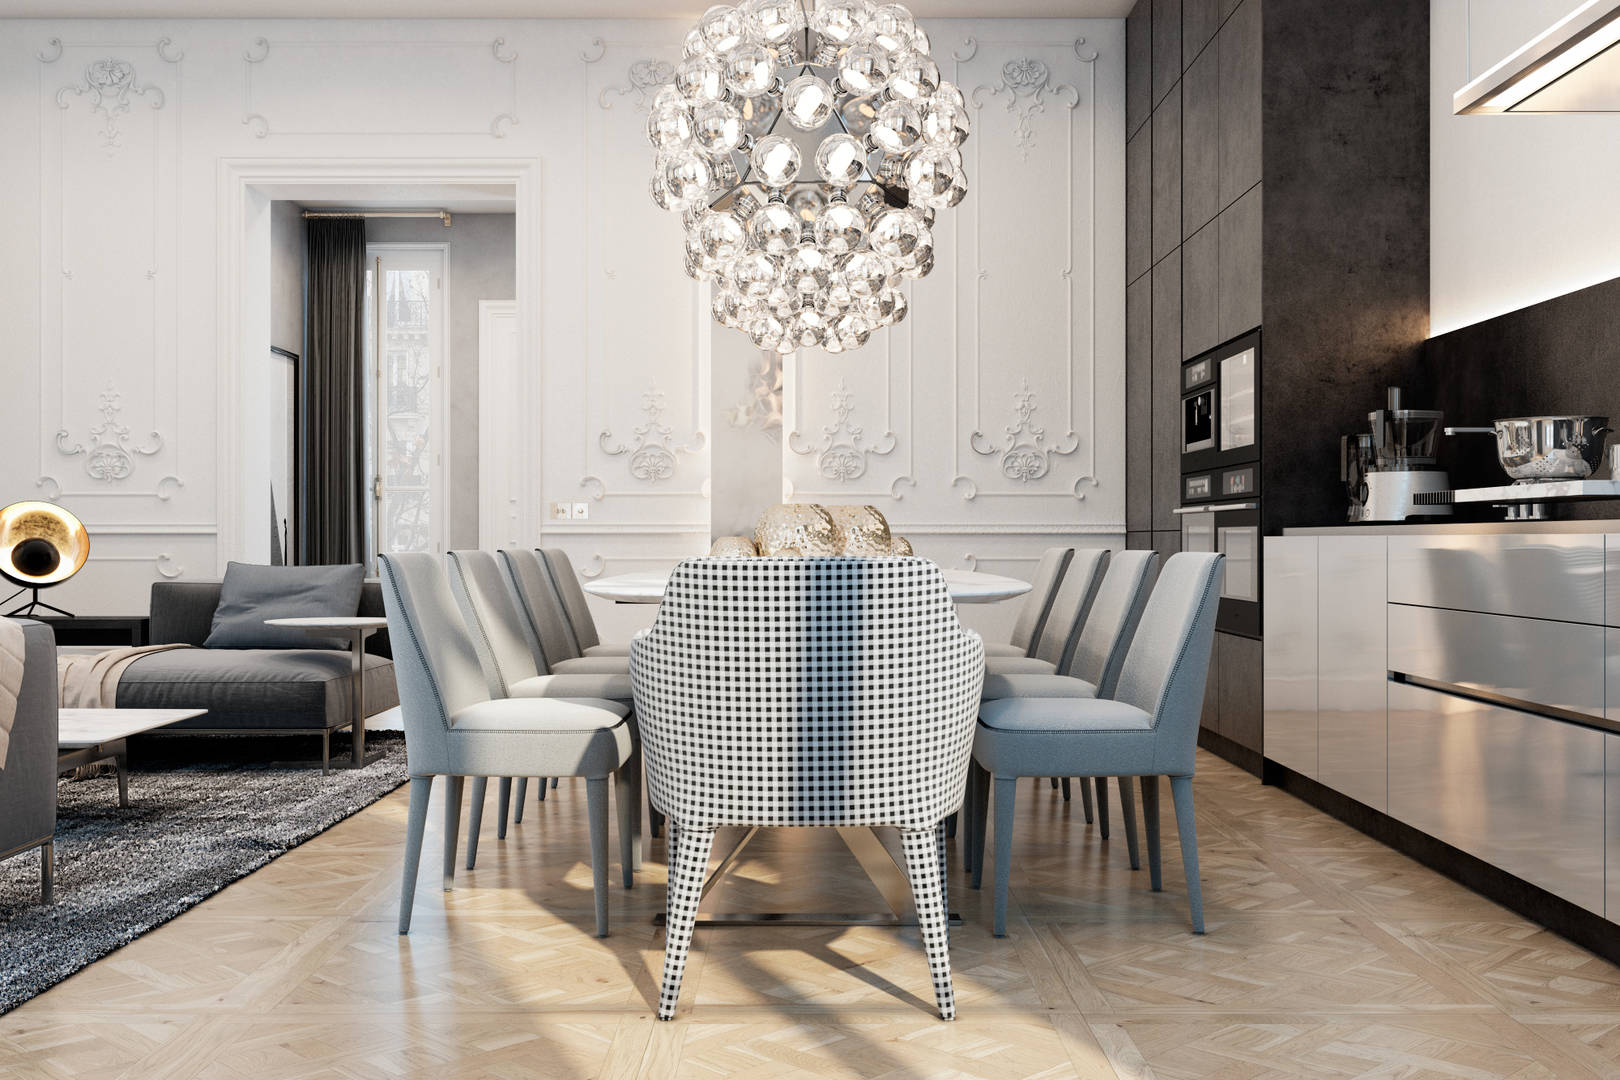 Exquisite flat in Paris.